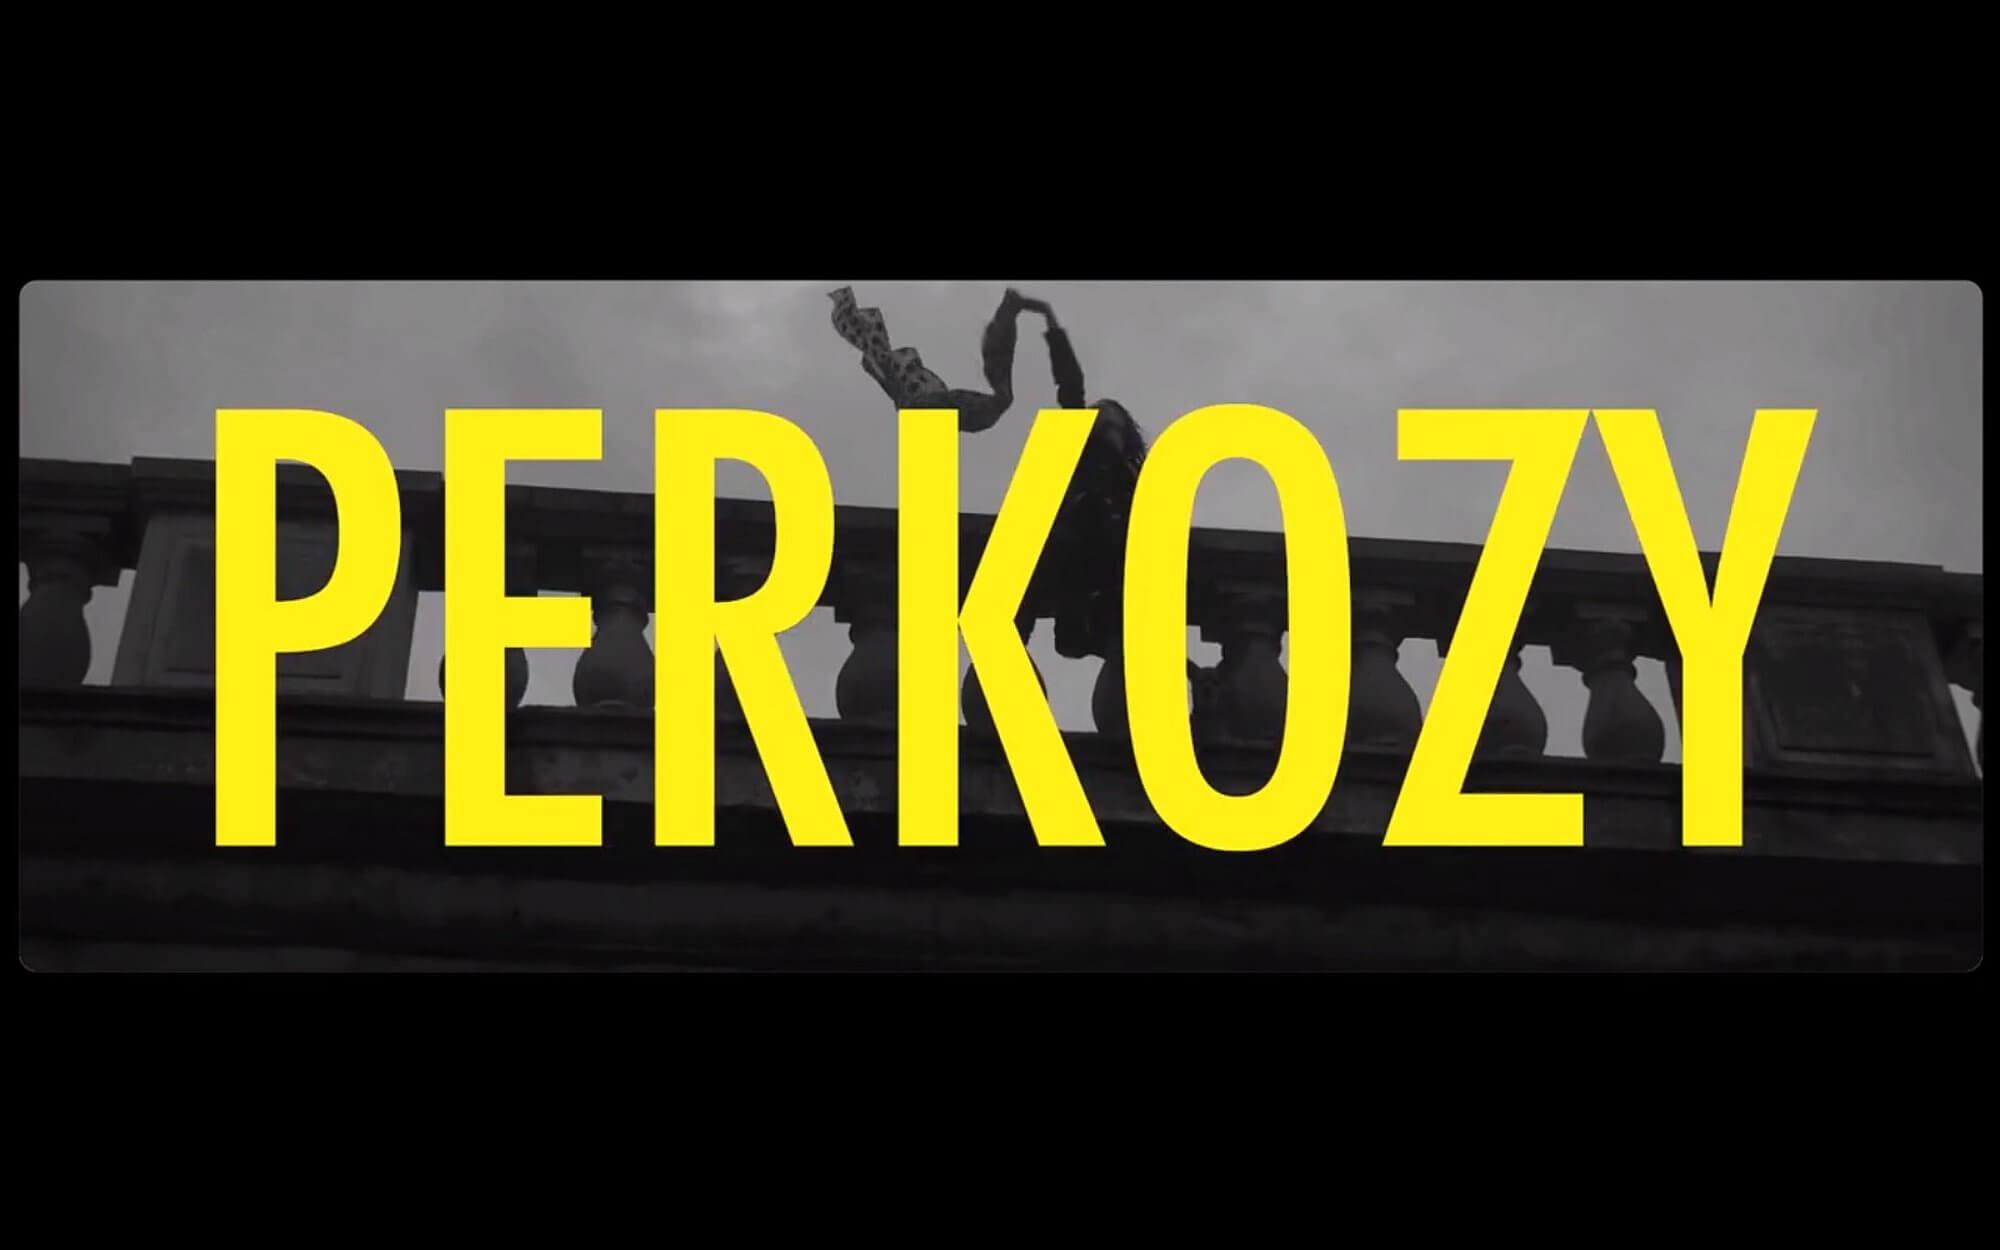 Broad Peak – Perkozy